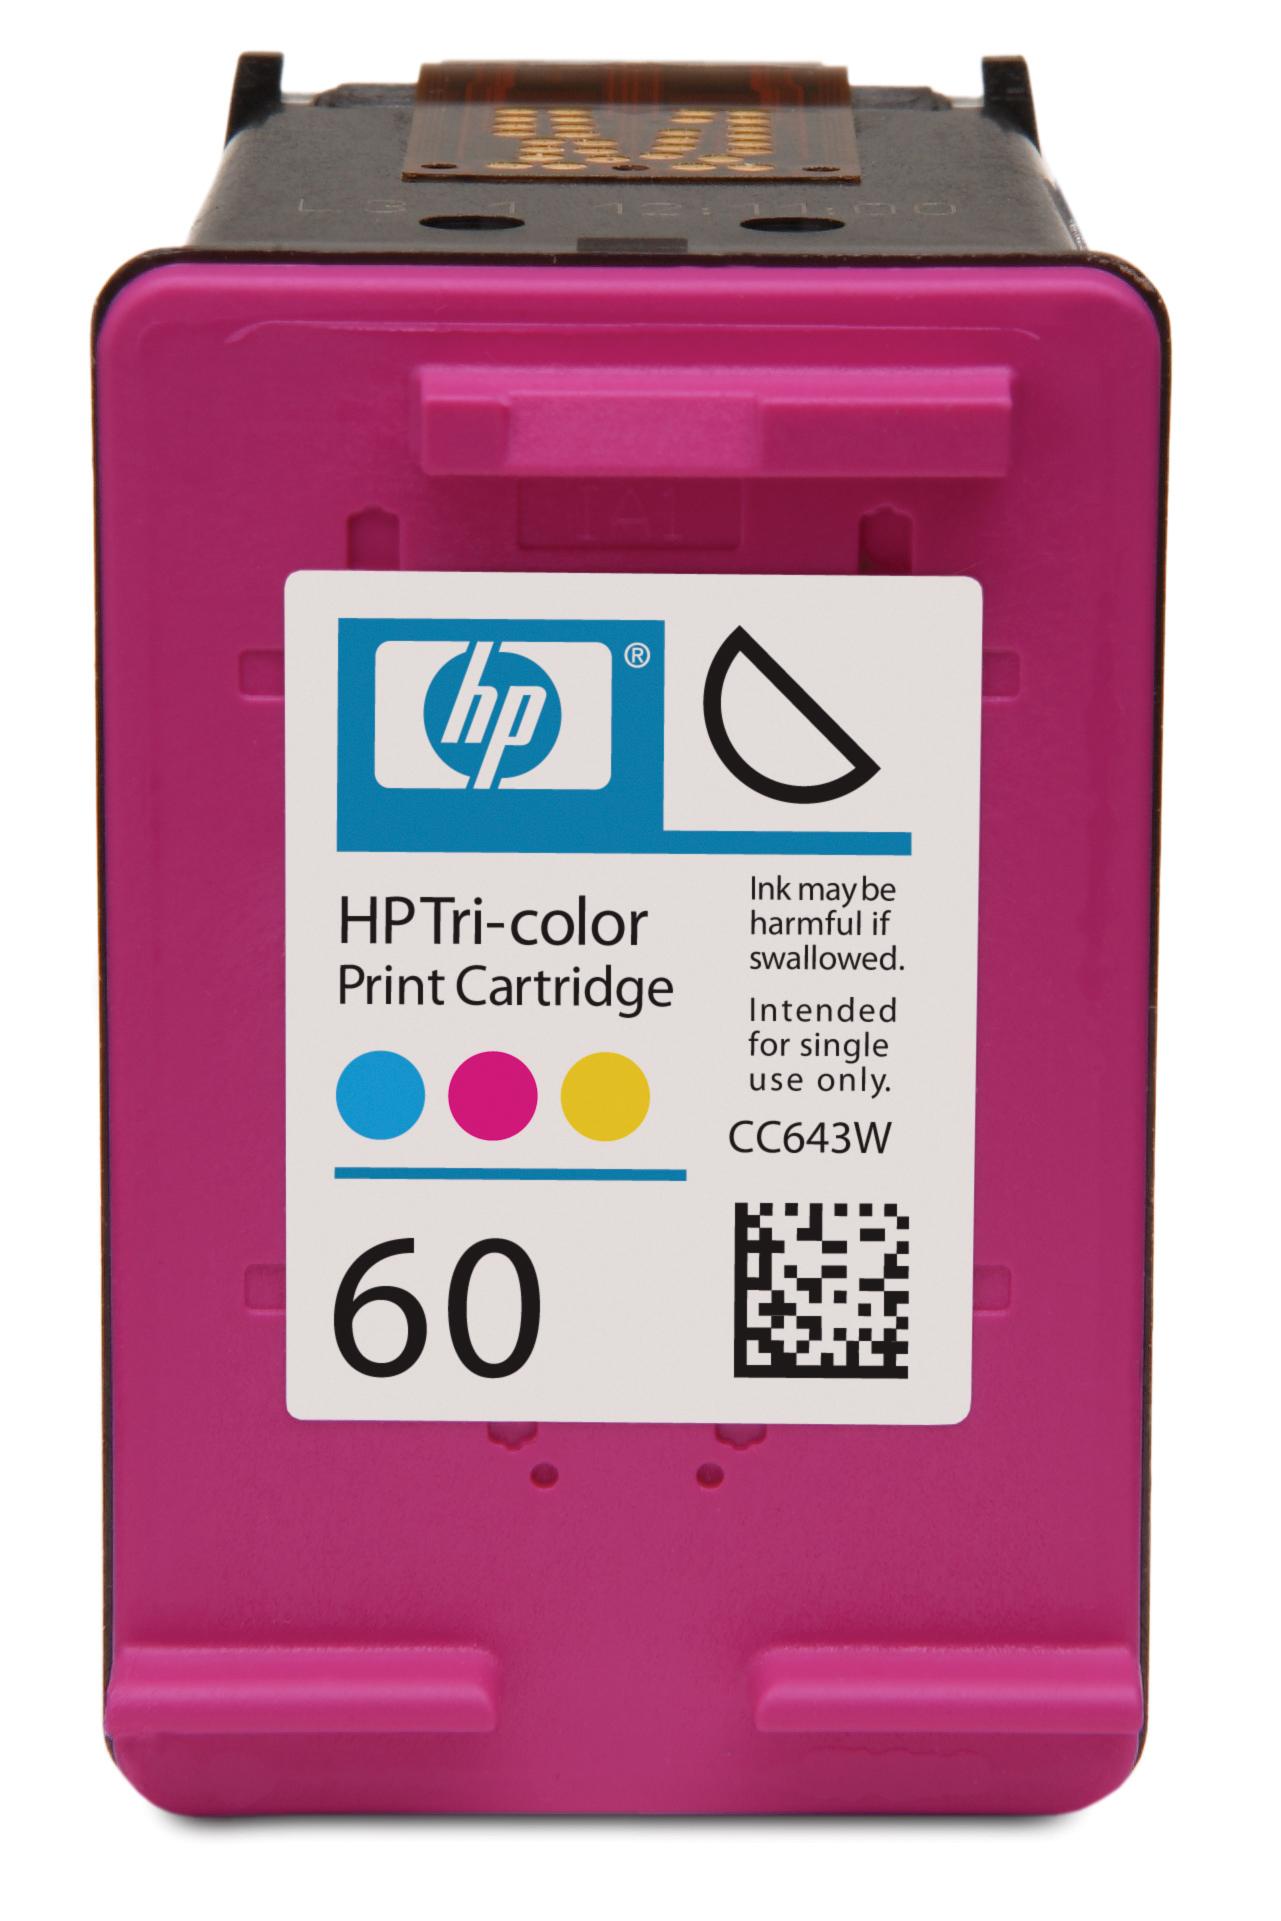 Nødvendige erfaringer og viden om HP printerpatroner